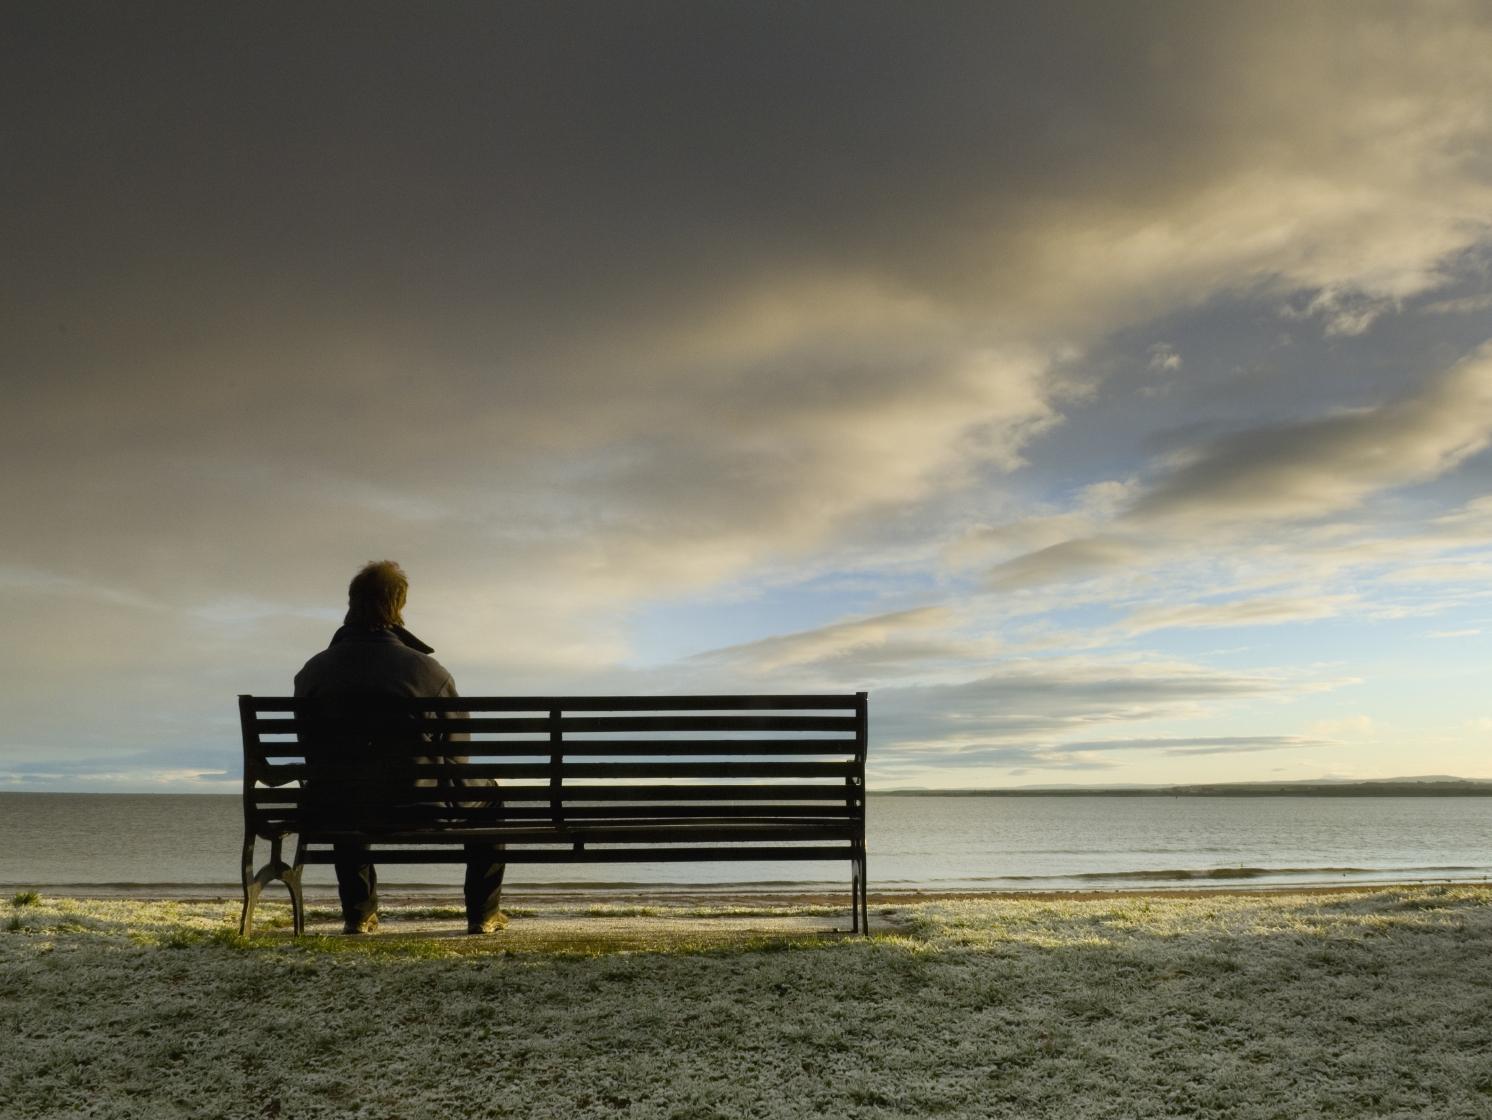 Estudio sugiere que la soledad aumenta el riesgo de muerte prematura